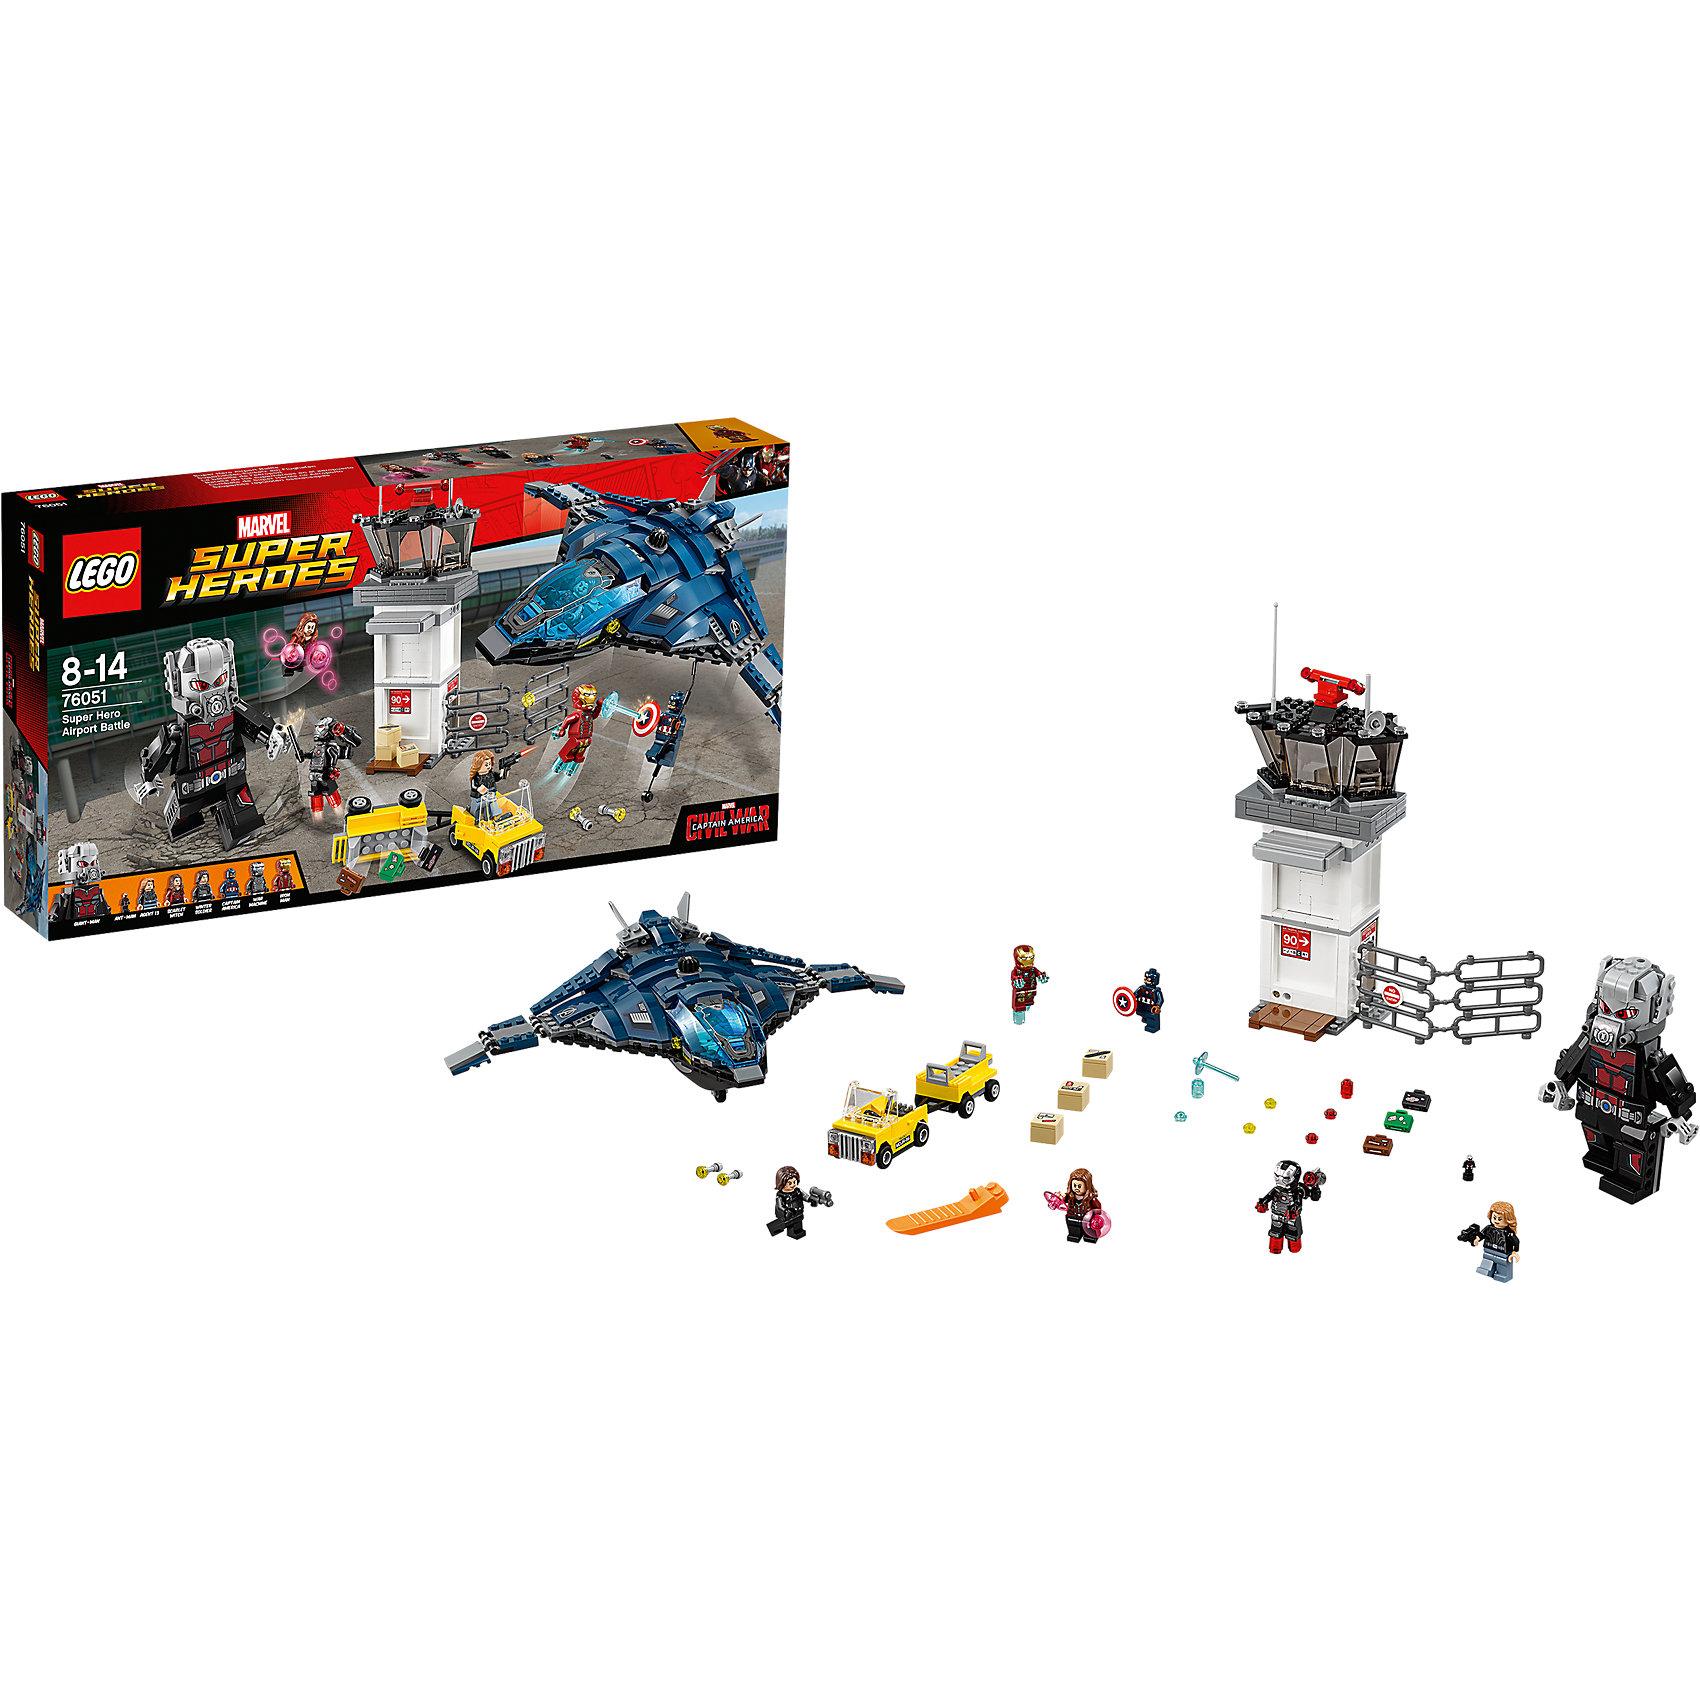 LEGO Super Heroes 76051: Сражение в аэропортуПластмассовые конструкторы<br>Объедини силы с Капитаном Америка, Алой ведьмой, Человеком-муравьем и Агентом 13 для того, чтобы помочь Зимнему солдату ускользнуть на потрясающем квинджете. Проникни в диспетчерскую башню через крошечное отверстие с помощью Человека-муравья и взорви коробки перед башней. Нажми на рычаг в офисе на втором этаже и взорви стены. Подними чемоданы в воздух, взорвав багажную тележку, а потом преврати Человека-муравья в Великана и сразись с Железным человеком! Сбрось крылья квинджета, поднимись в воздух и начни огонь из пушек. Скинь Капитану Америка веревку и лети прочь!<br><br>LEGO Super Heroes (ЛЕГО Супер Герои) - серия конструкторов созданная специально по мотивам всеми известных комиксов. Спасай мир и борись со злом вместе с любимыми супергероями! Наборы серии можно комбинировать между собой, давая безграничные просторы для фантазии и придумывая свои новые истории. <br><br>Дополнительная информация:<br><br>- Конструкторы ЛЕГО развивают усидчивость, внимание, фантазию и мелкую моторику. <br>- 6 минифигурок комплекте: Капитан Америка, Алая Ведьма, Человек-муравей, Агент 13, Зимний солдат, Железный человек. <br>- В комплекте 6 минифигурок, Великан, квинджет, диспетчерская башня, аксессуары. <br>- Количество деталей: 807.<br>- Серия ЛЕГО Супер Герои (LEGO Super Heroes).<br>- Материал: пластик.<br>- Размер упаковки: 54х7,8х28 см.<br>- Вес: 1.15 кг.<br><br>Конструктор LEGO Super Heroes 76051: Сражение в аэропорту можно купить в нашем магазине.<br><br>Ширина мм: 539<br>Глубина мм: 279<br>Высота мм: 81<br>Вес г: 1171<br>Возраст от месяцев: 84<br>Возраст до месяцев: 168<br>Пол: Мужской<br>Возраст: Детский<br>SKU: 4259161